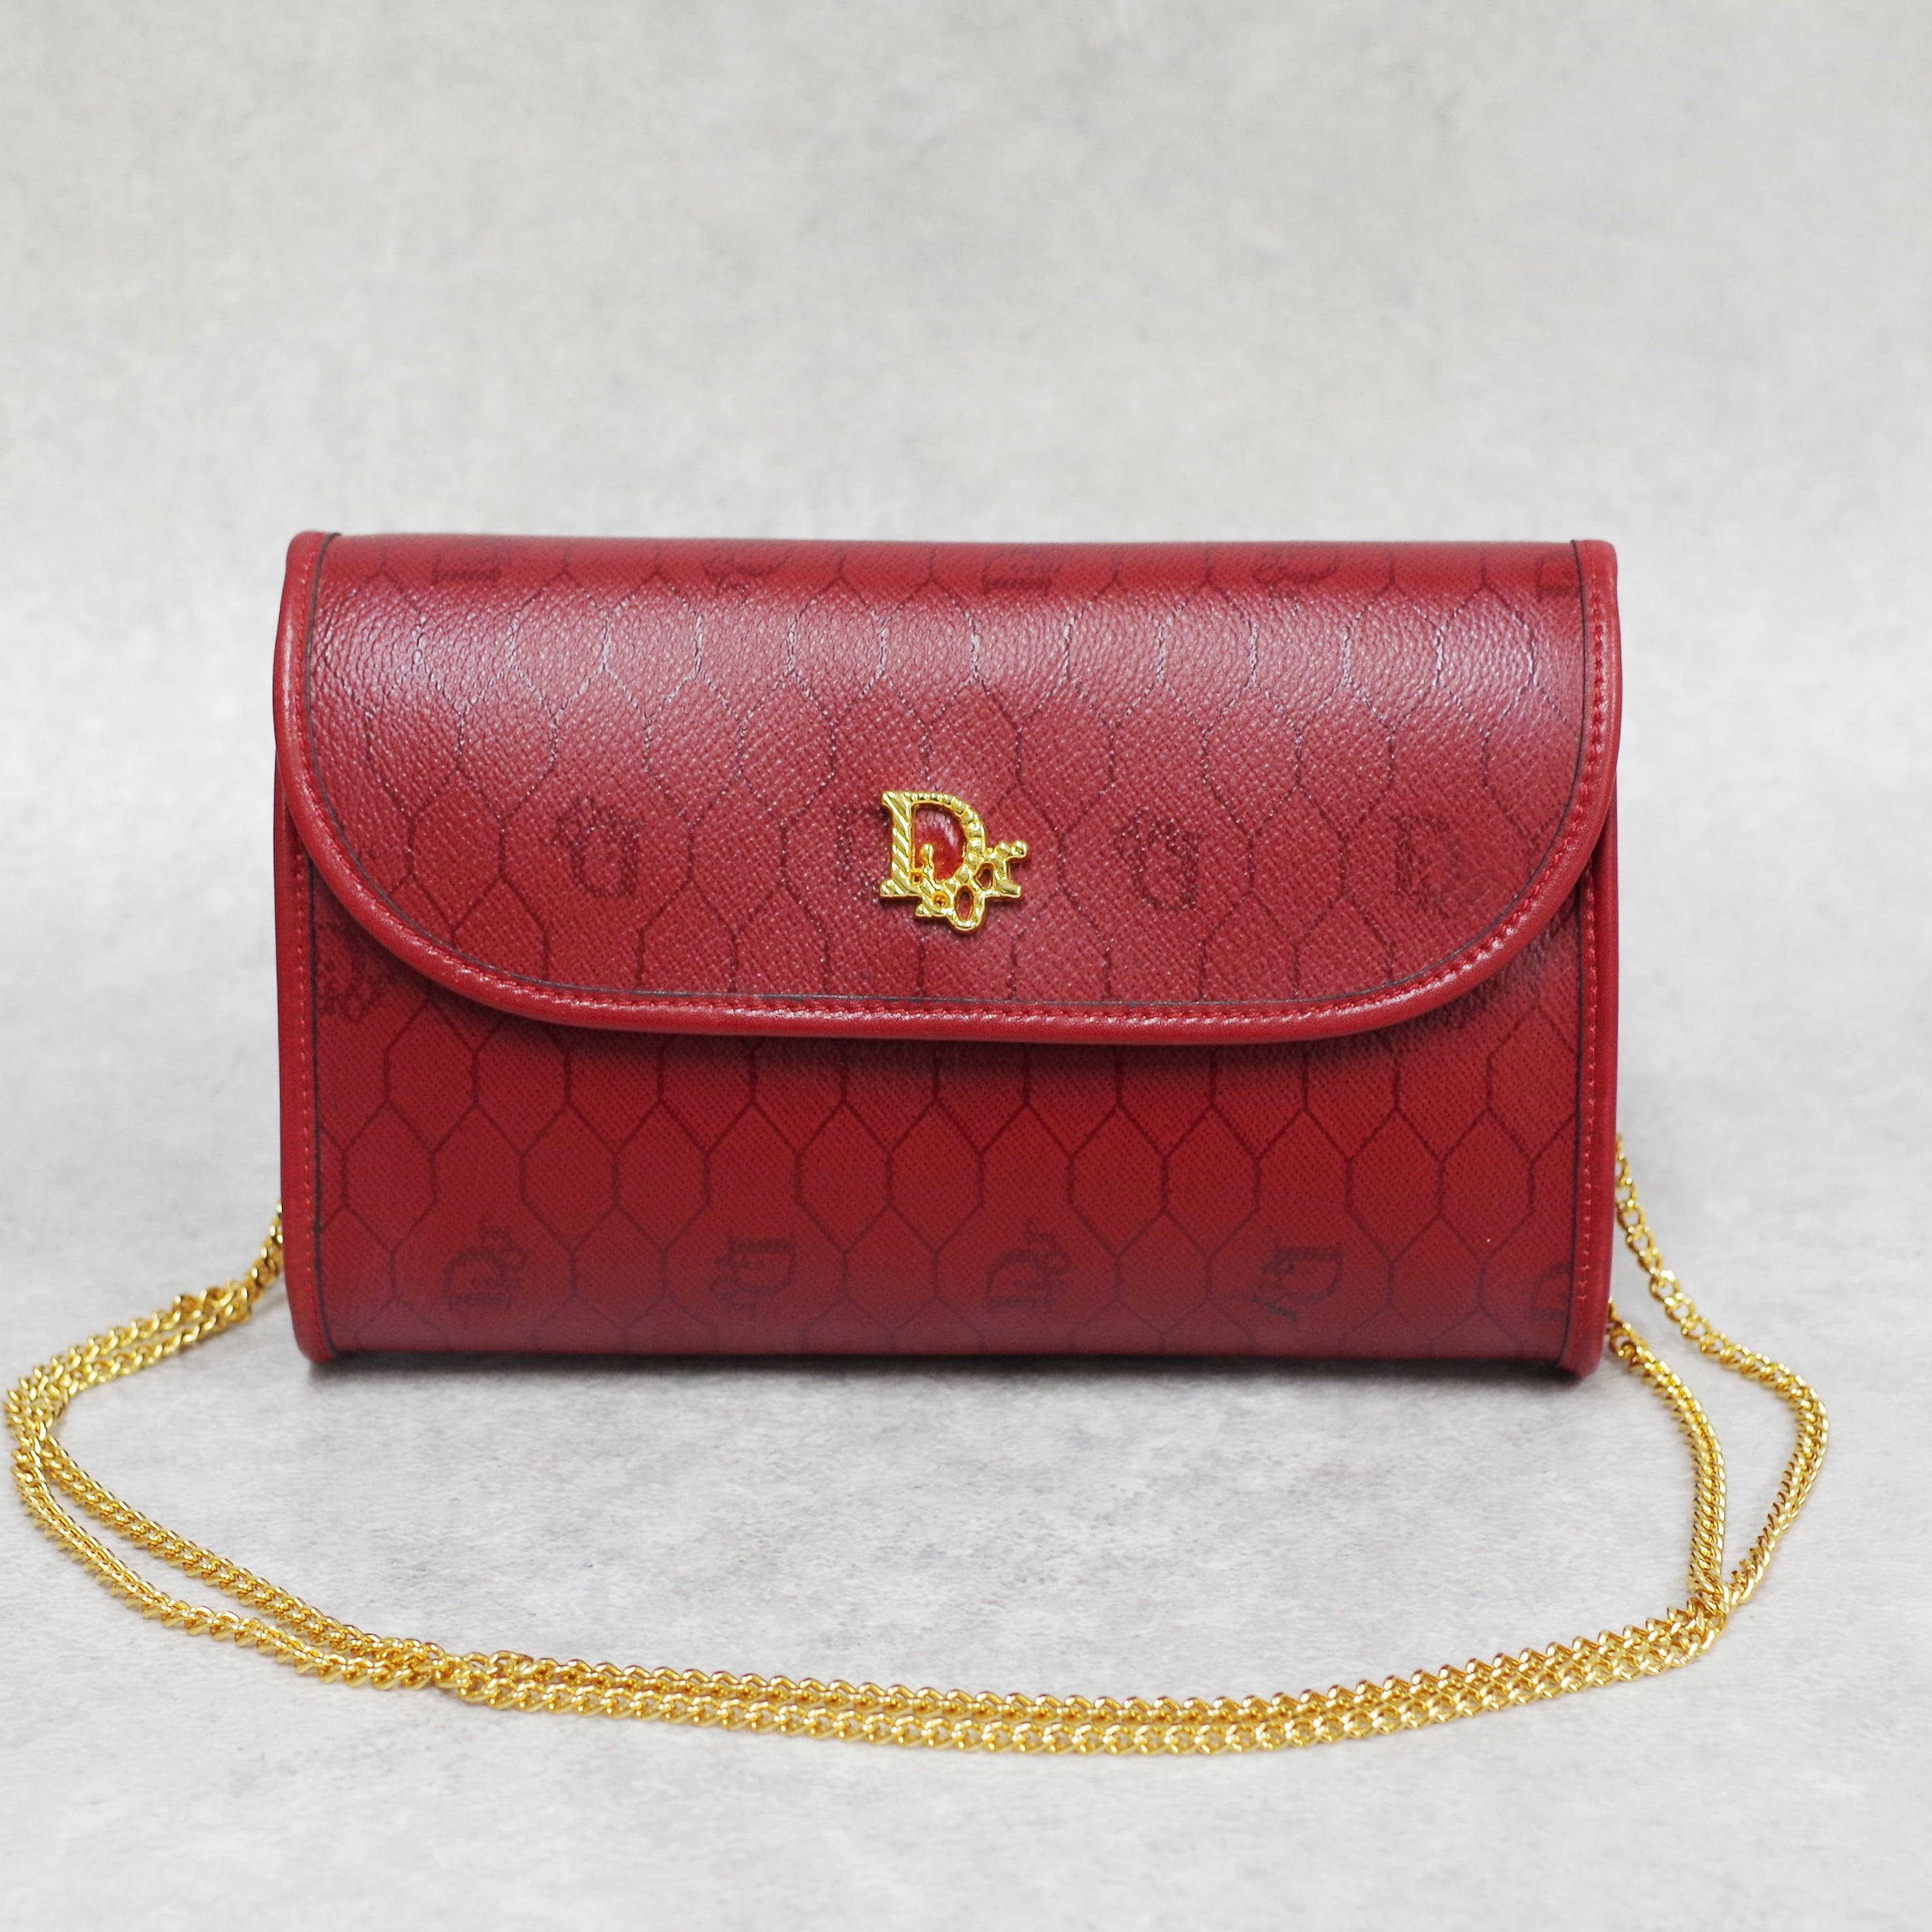 Christian Dior ディオール チェーンショルダーバッグ レッド レザー